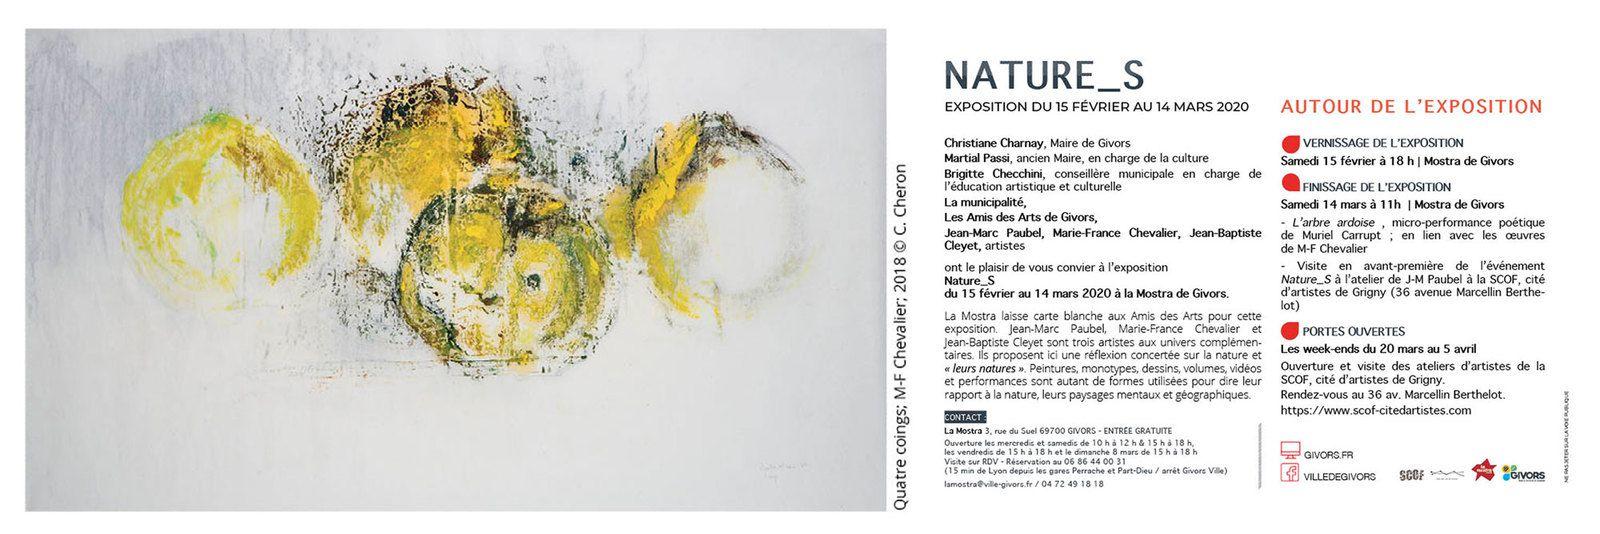 Nature_S, saison I